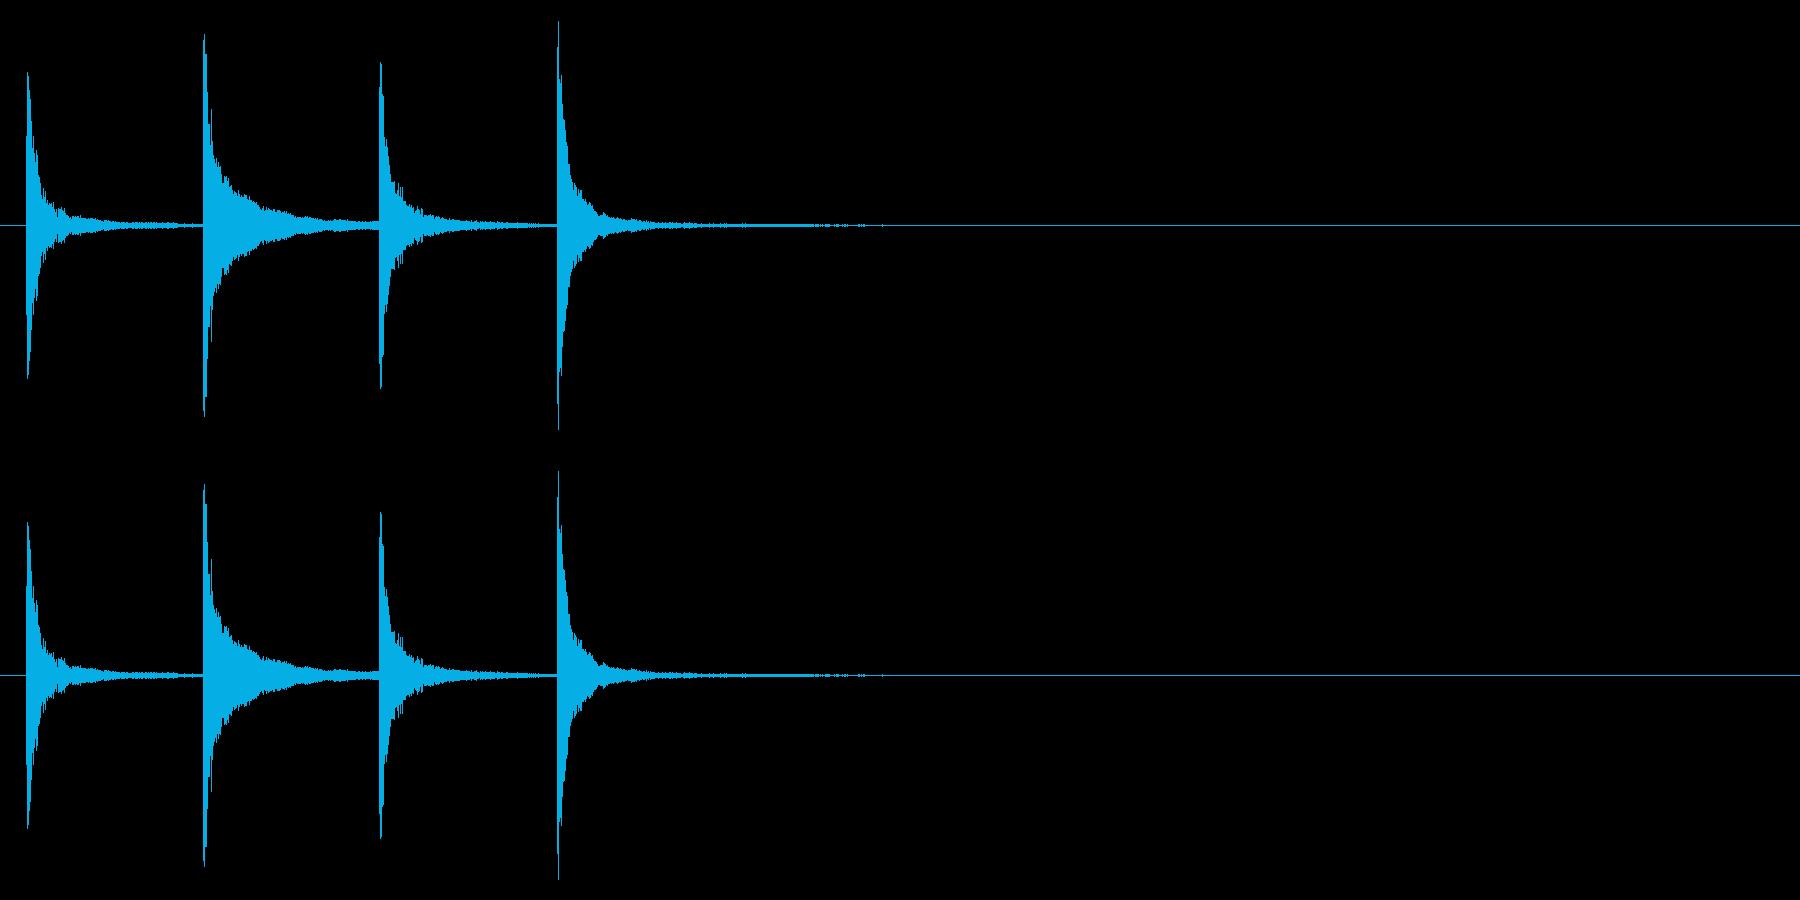 ホラー サスペンスなどの効果音に最適6の再生済みの波形